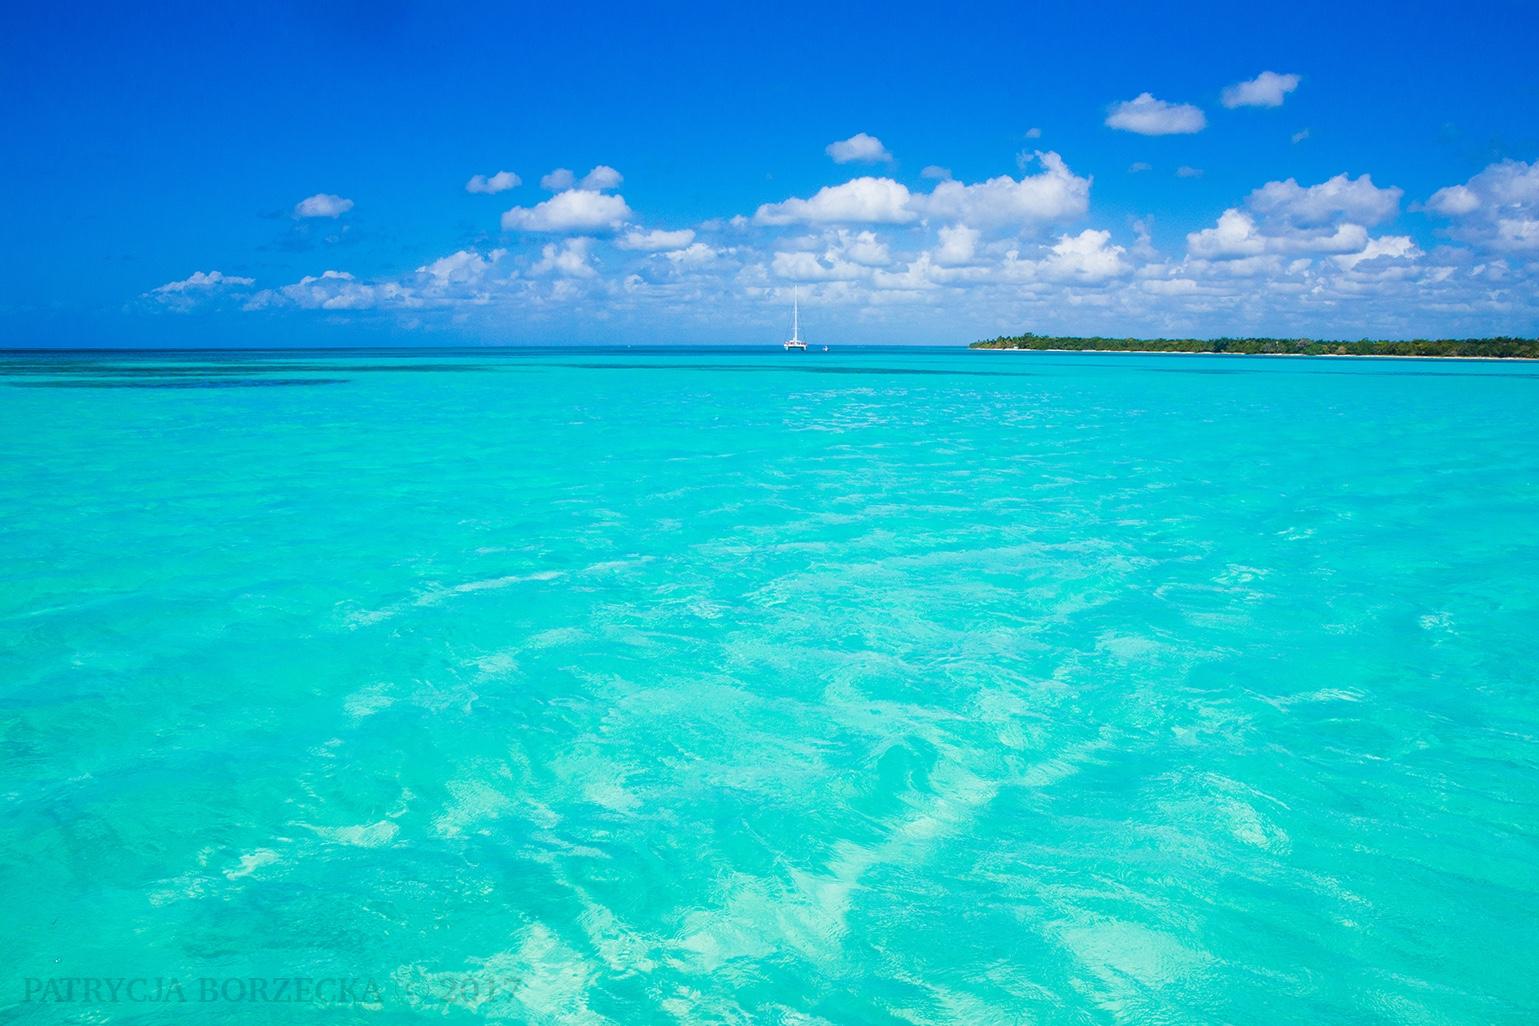 Dominicana-Island-Patrycja-Borzecka-Photo